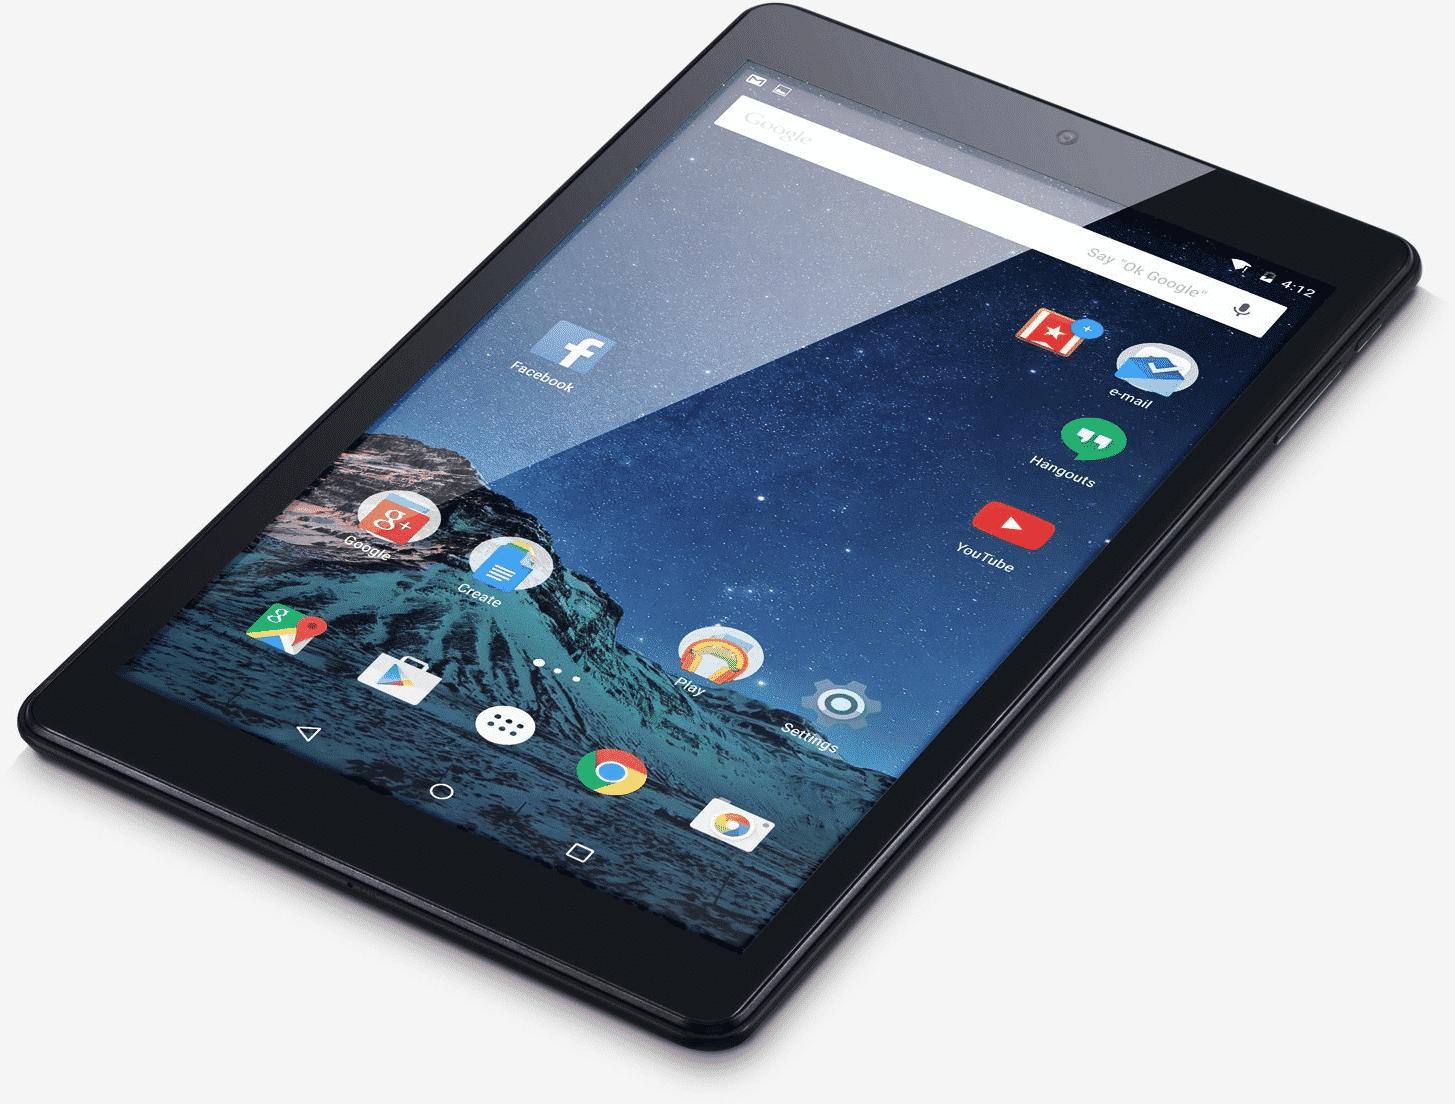 NeuTab S8 tablet